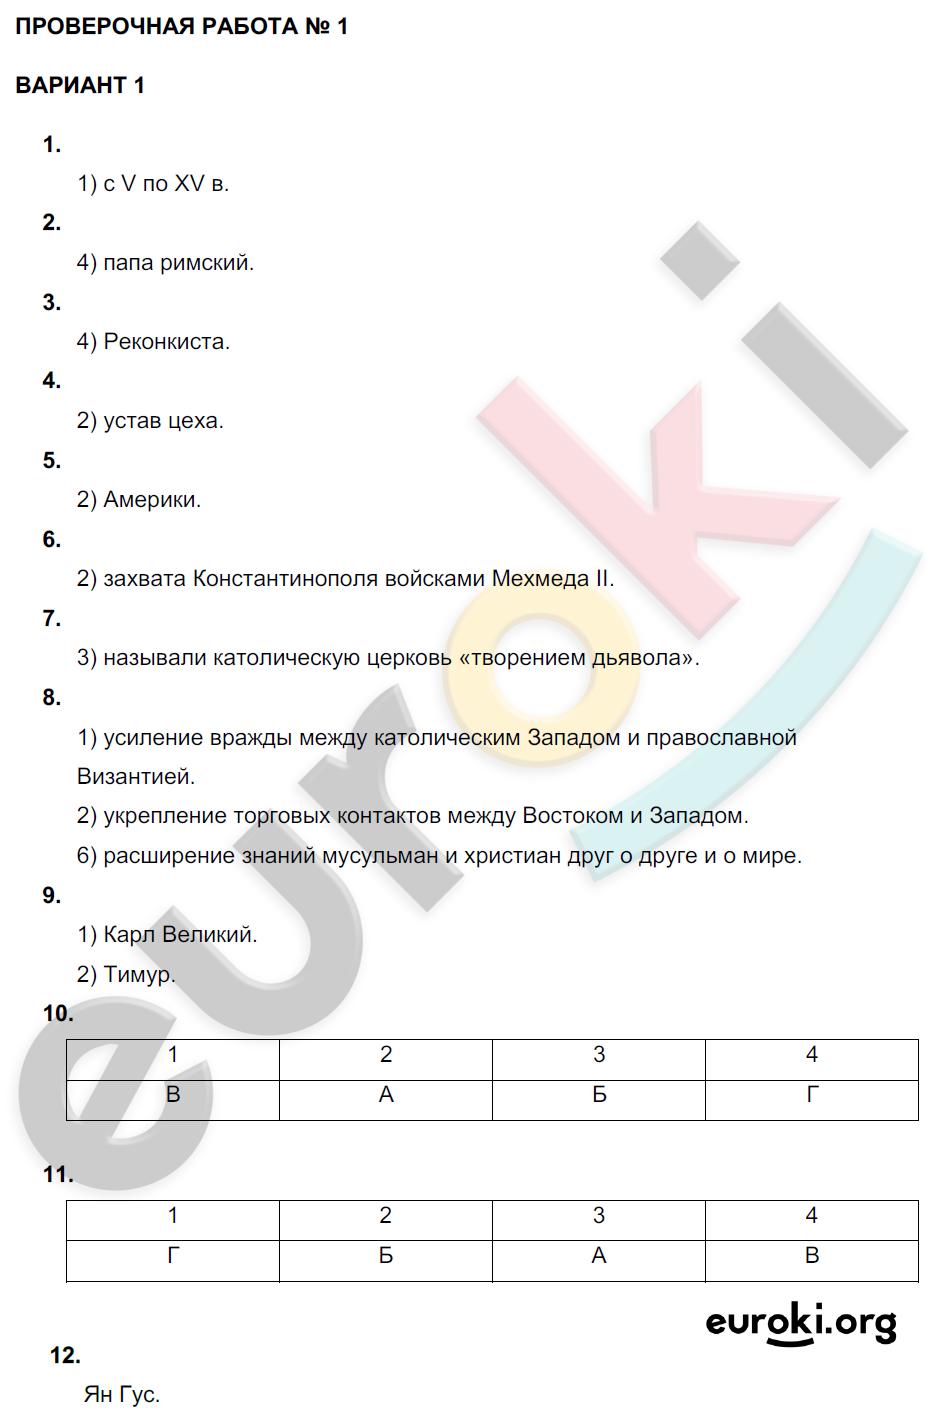 Итоговая проверочная работа №1:: Вариант 1 - решение